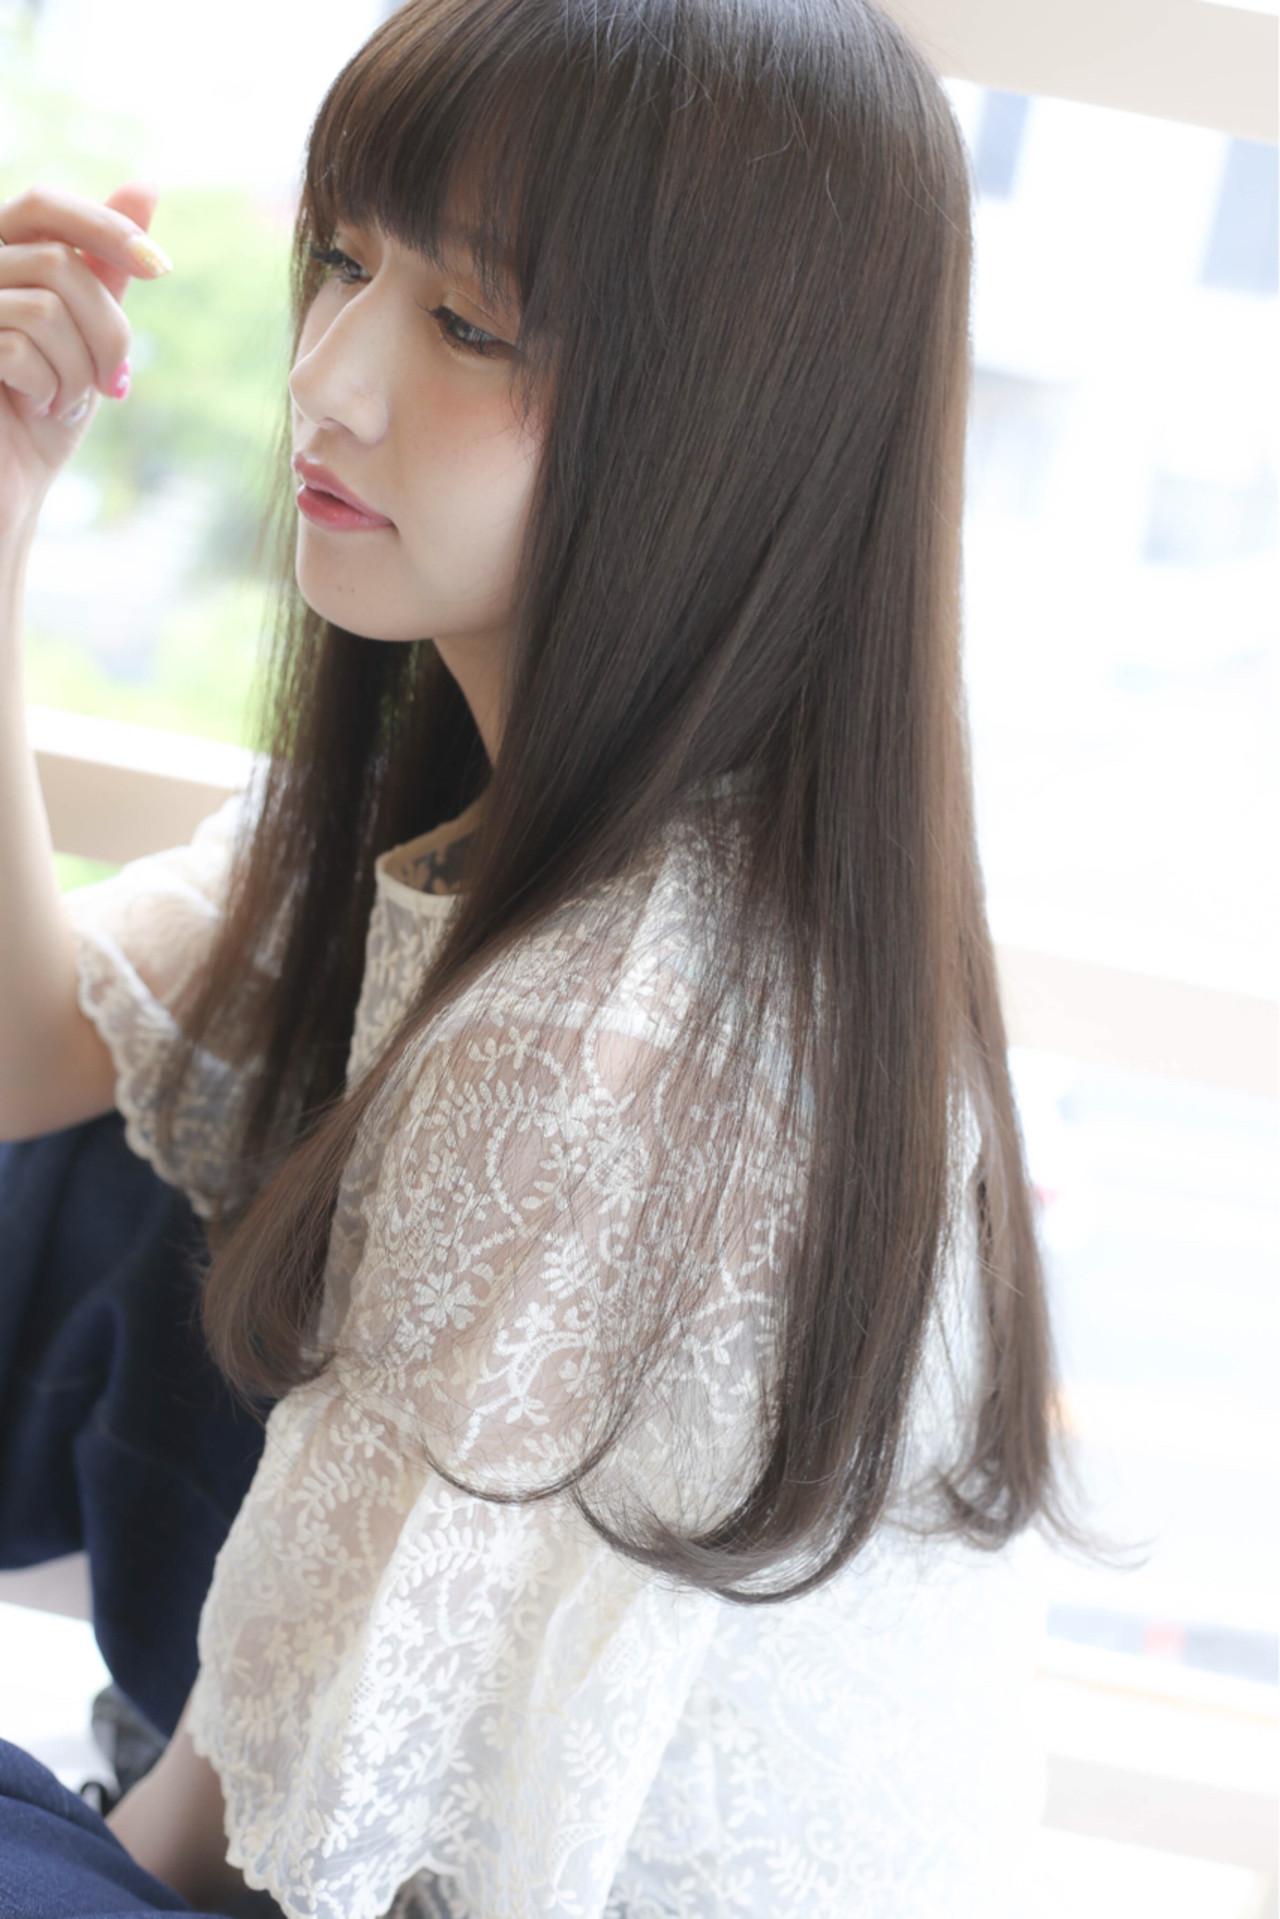 ストレート 秋 ロング フェミニン ヘアスタイルや髪型の写真・画像